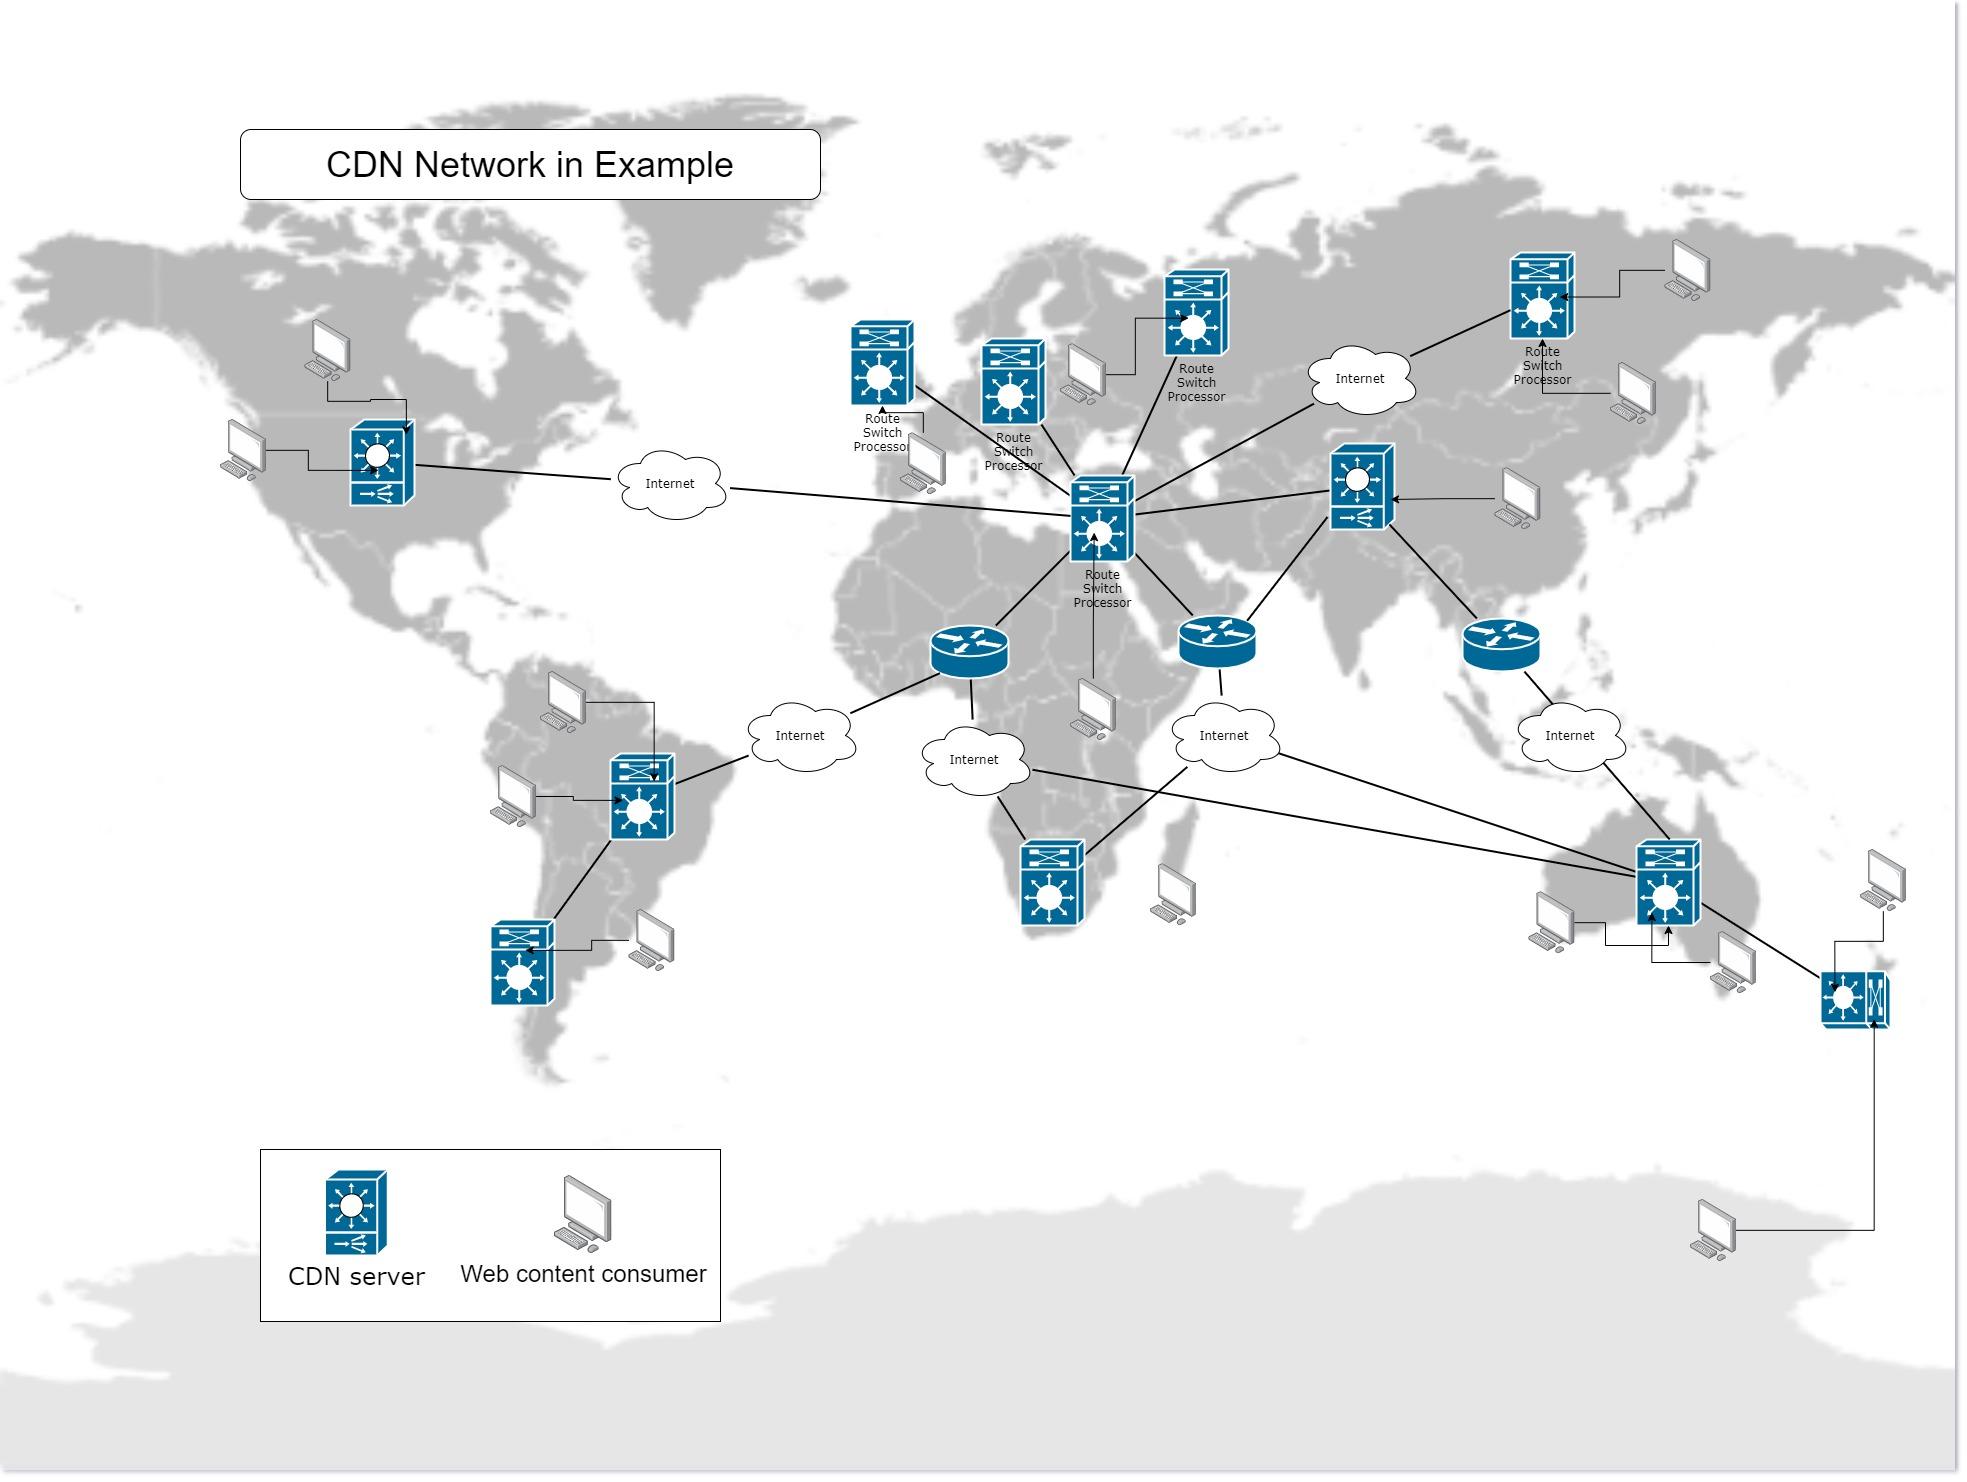 The global CDN network